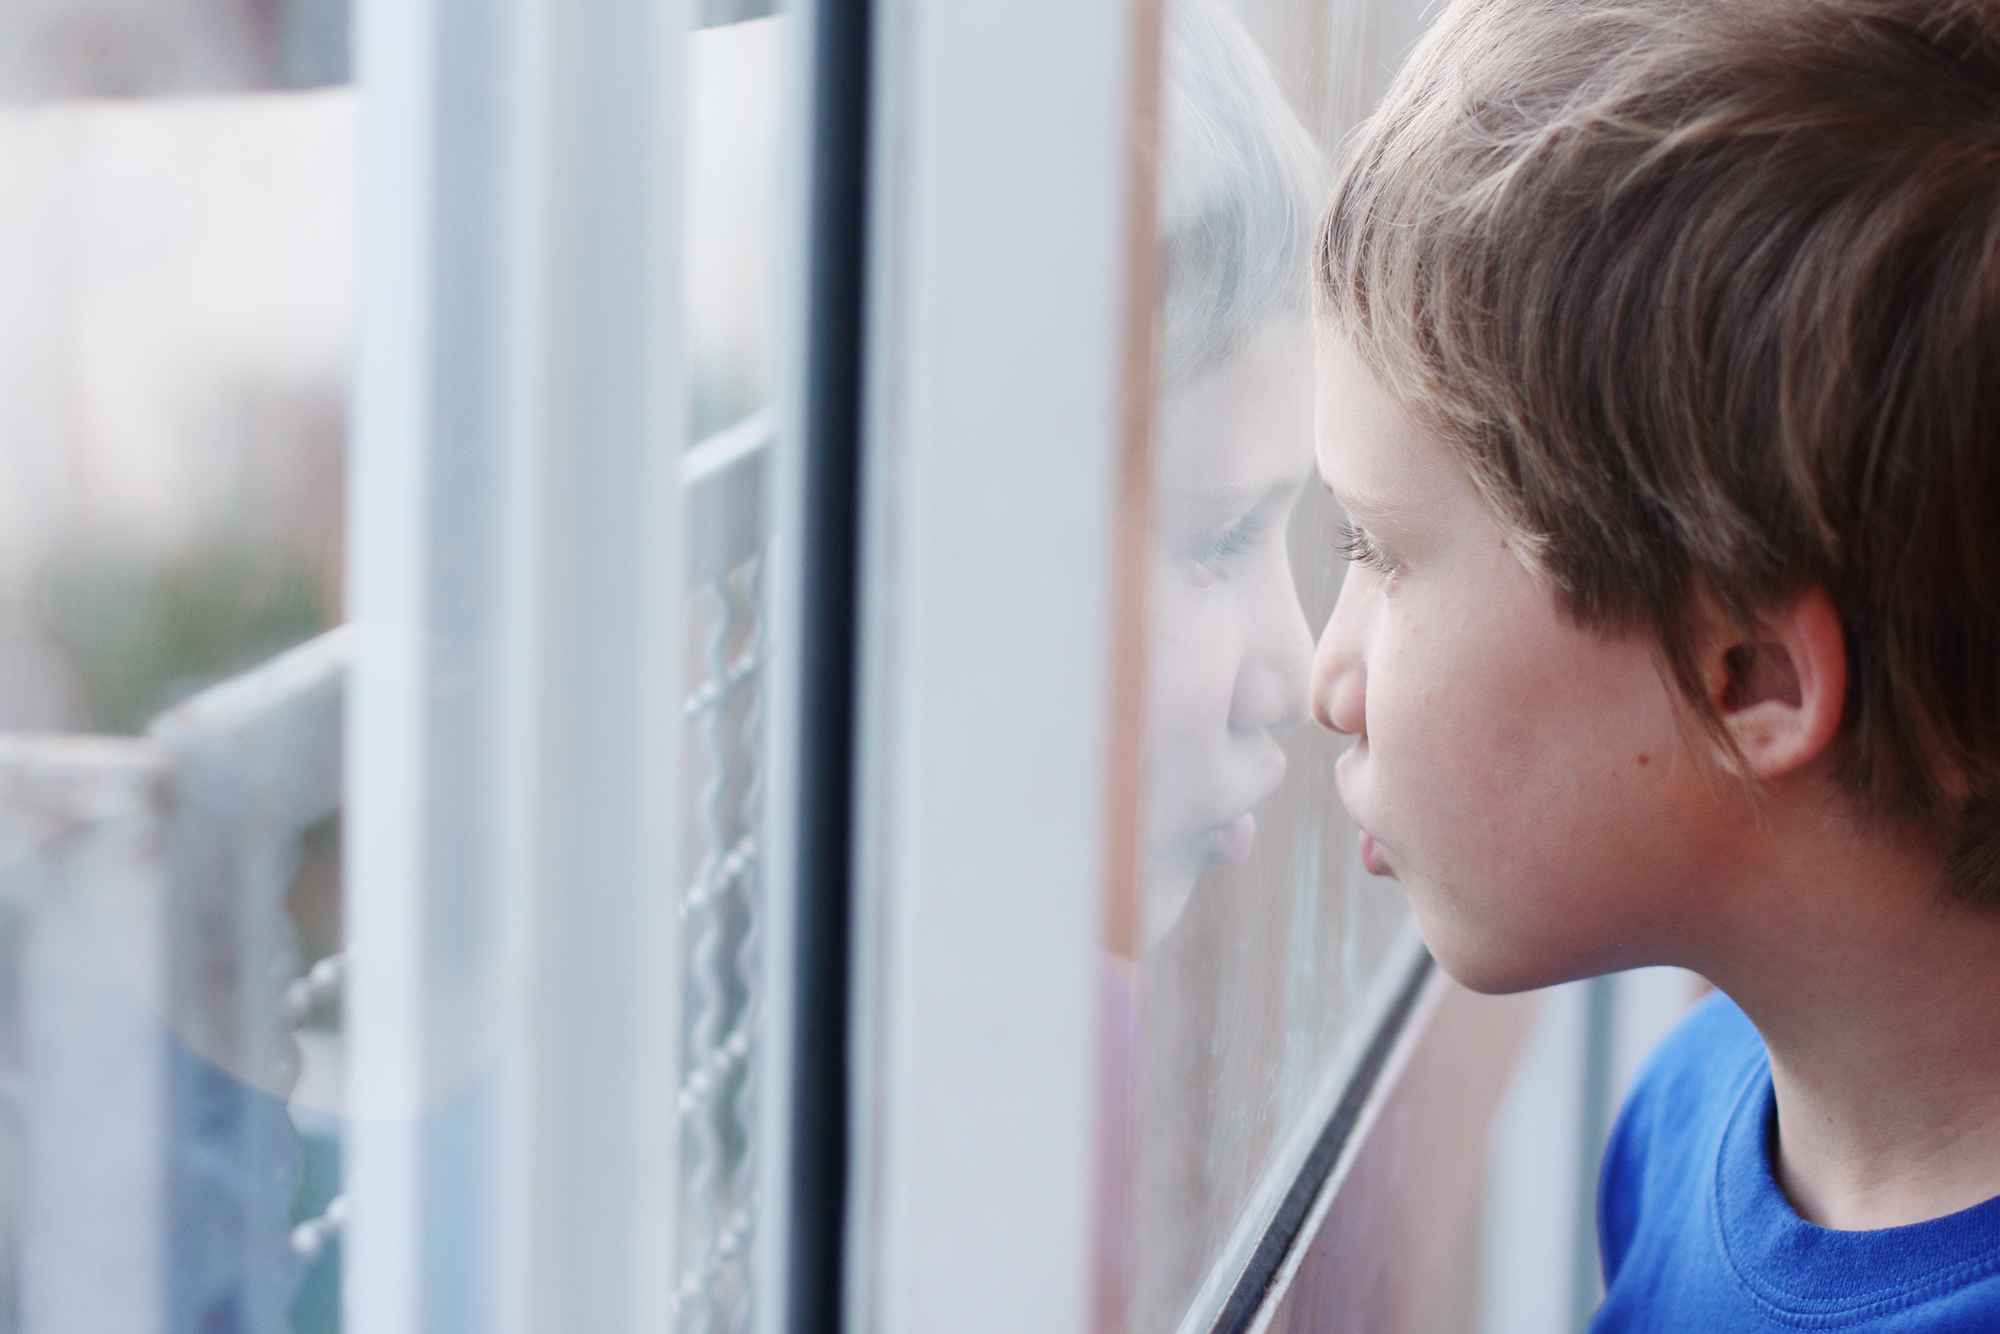 Çocuklarda miyopi pandemisinde risk oranında artış #2